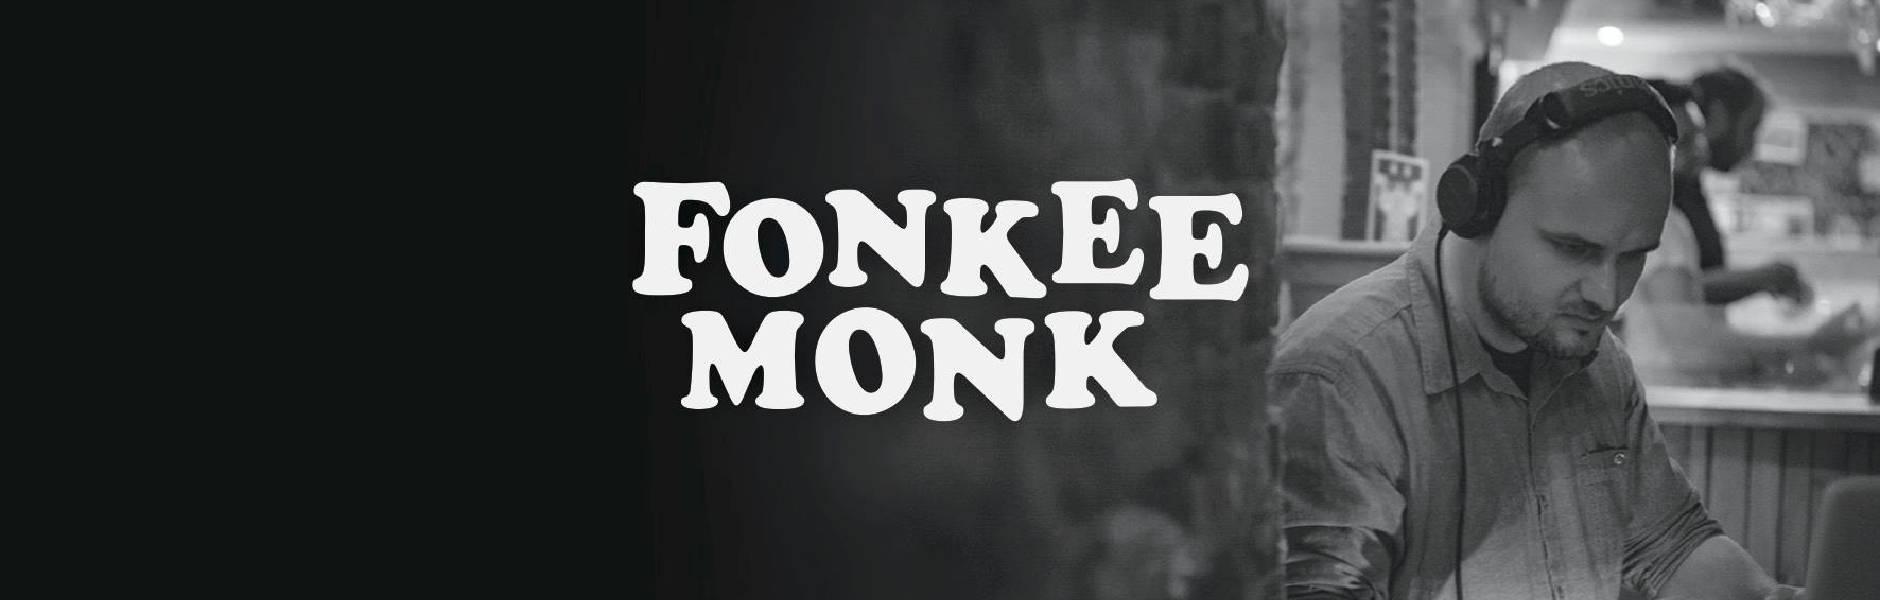 Fonkee Monk